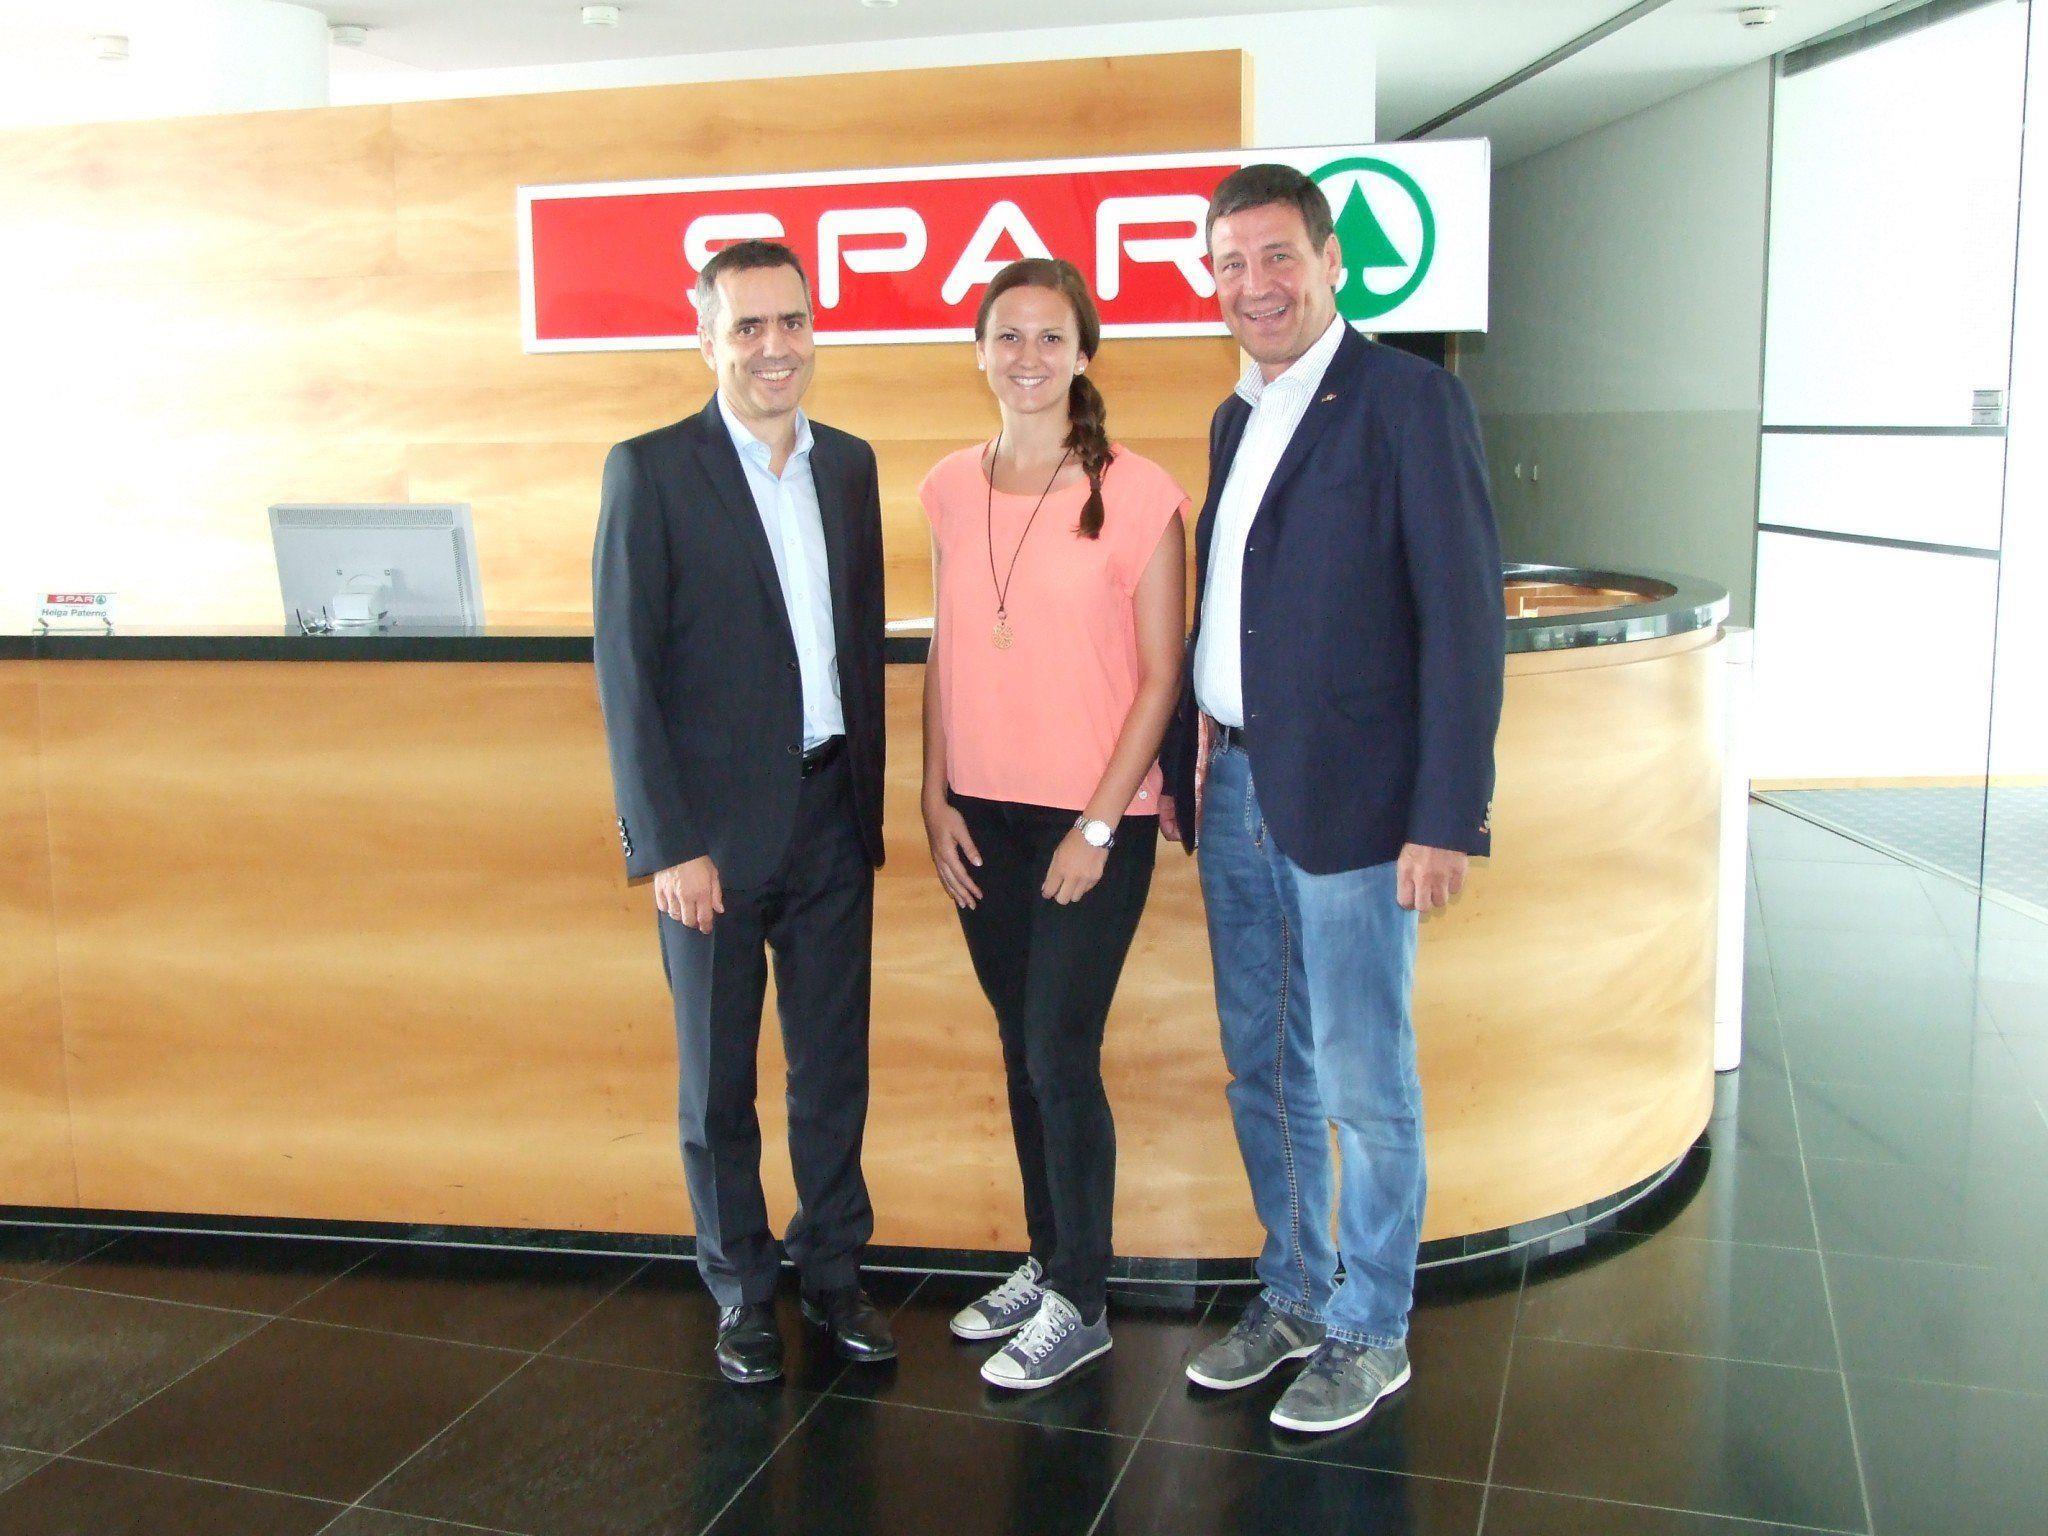 Marathon OK-Chef Robert Küng, die Partner vom Spar Gerhard Ritter und Judith Bertignoll